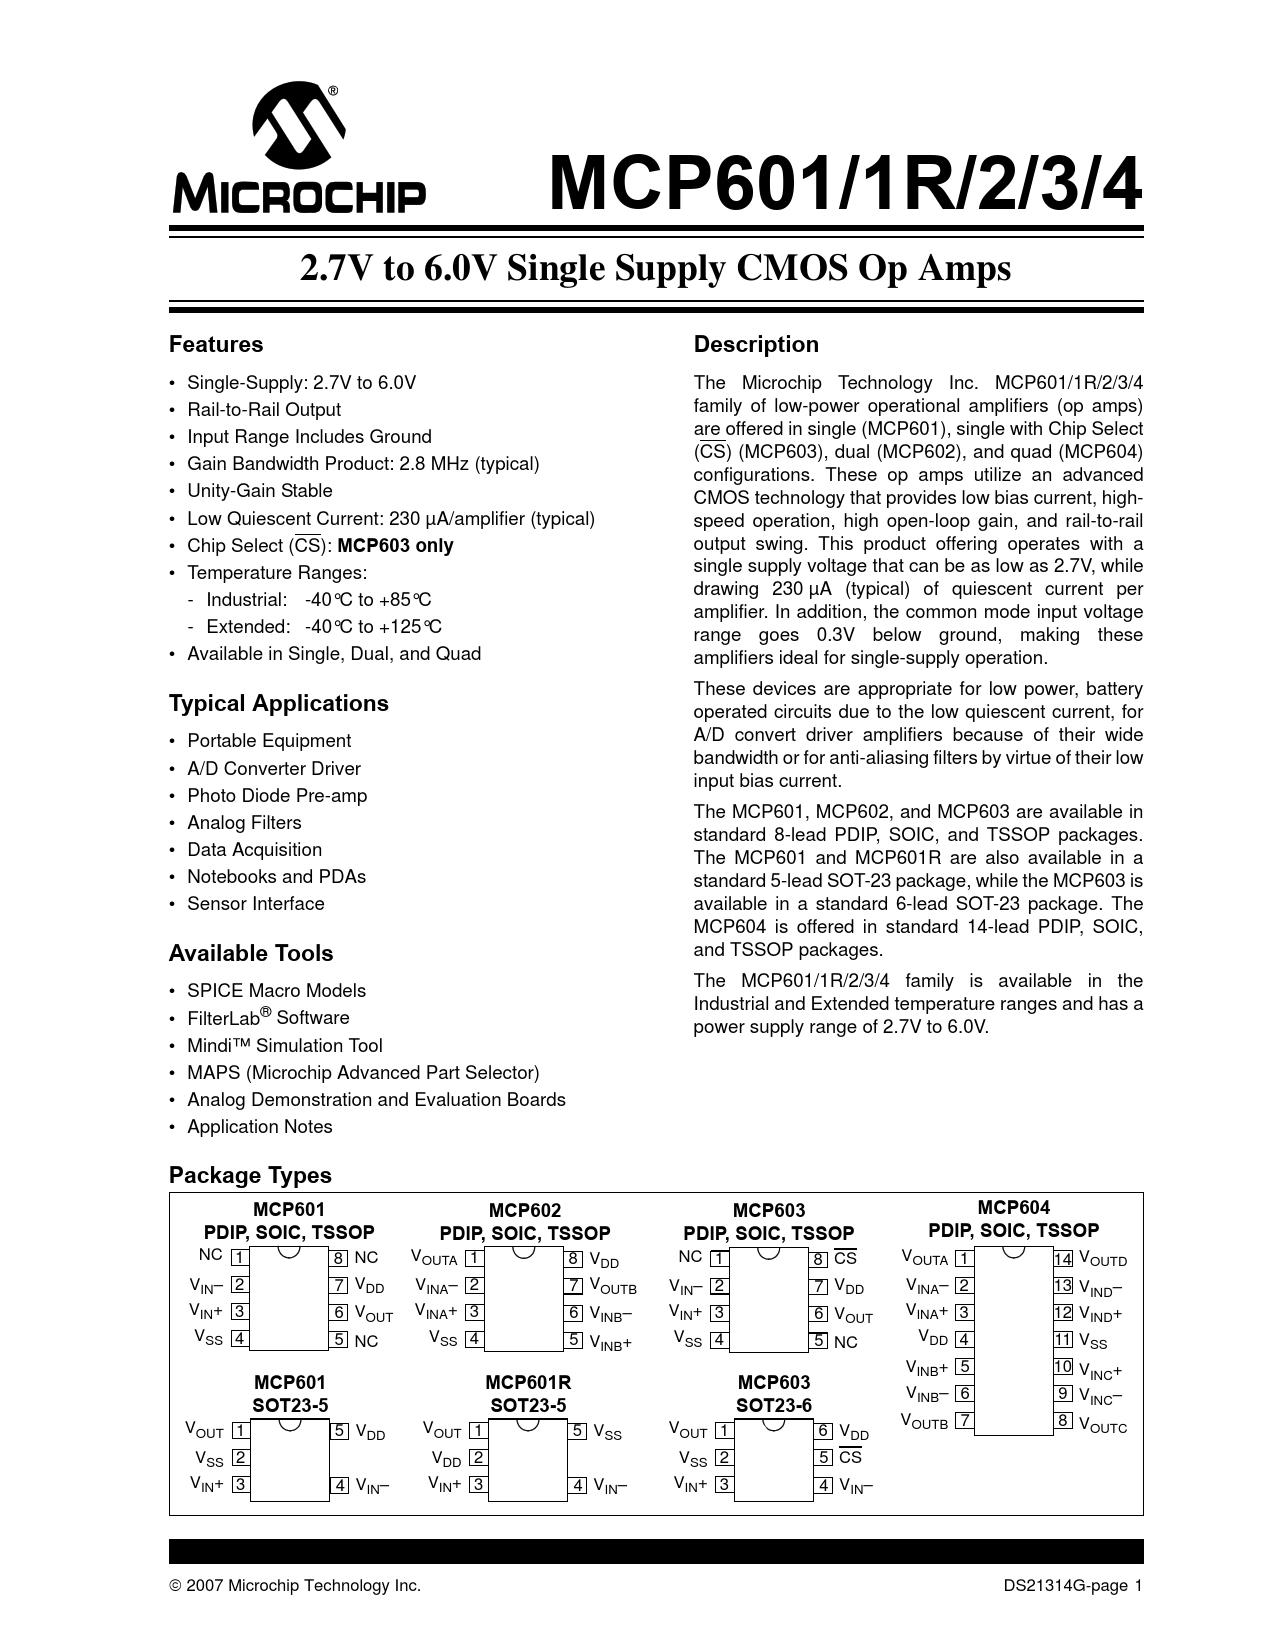 Datasheet MCP601, MCP601R, MCP602, MCP603, MCP604 Microchip